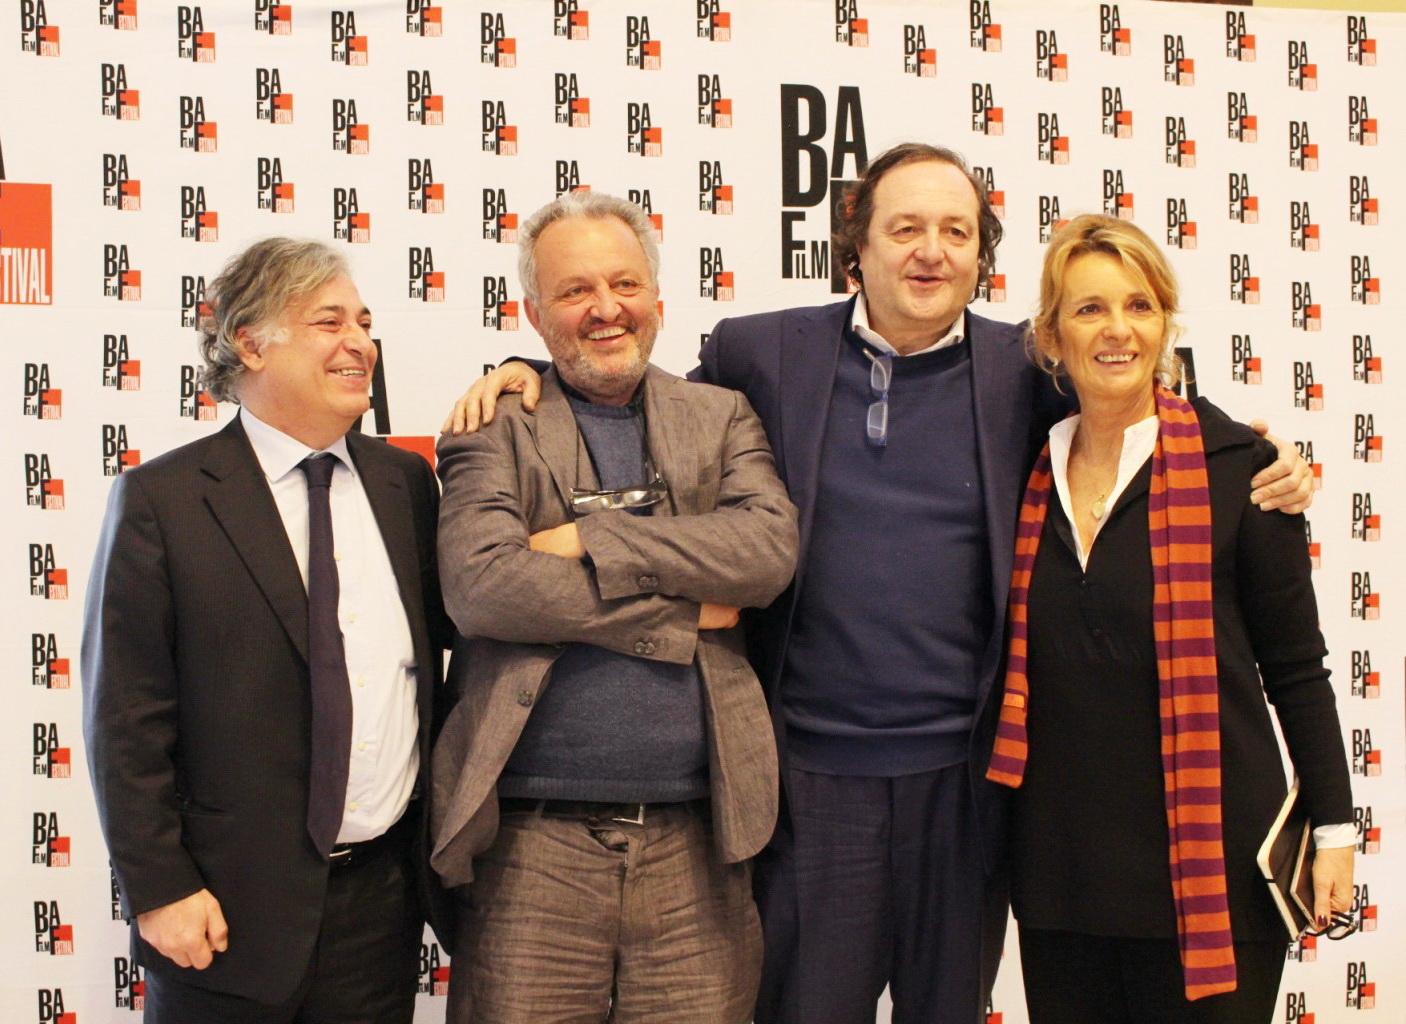 Il BAFF a La Milanesiana